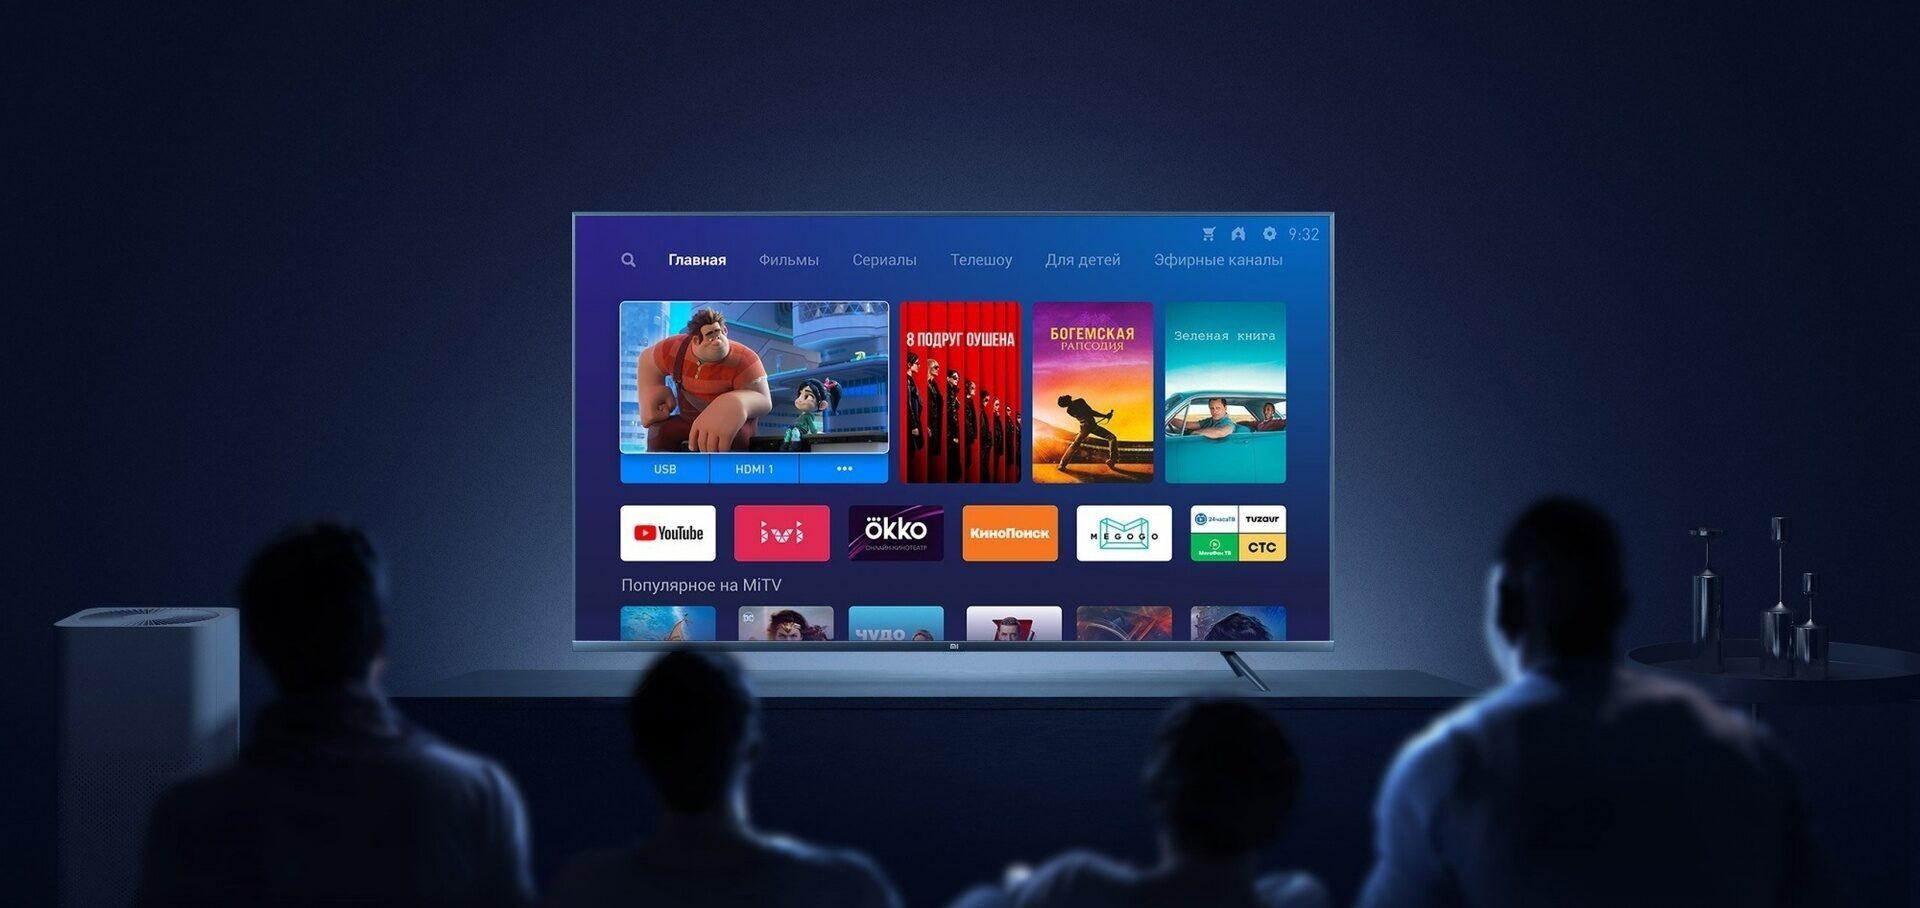 Тест телевизора Xiaomi L55M5: зачем платить больше?